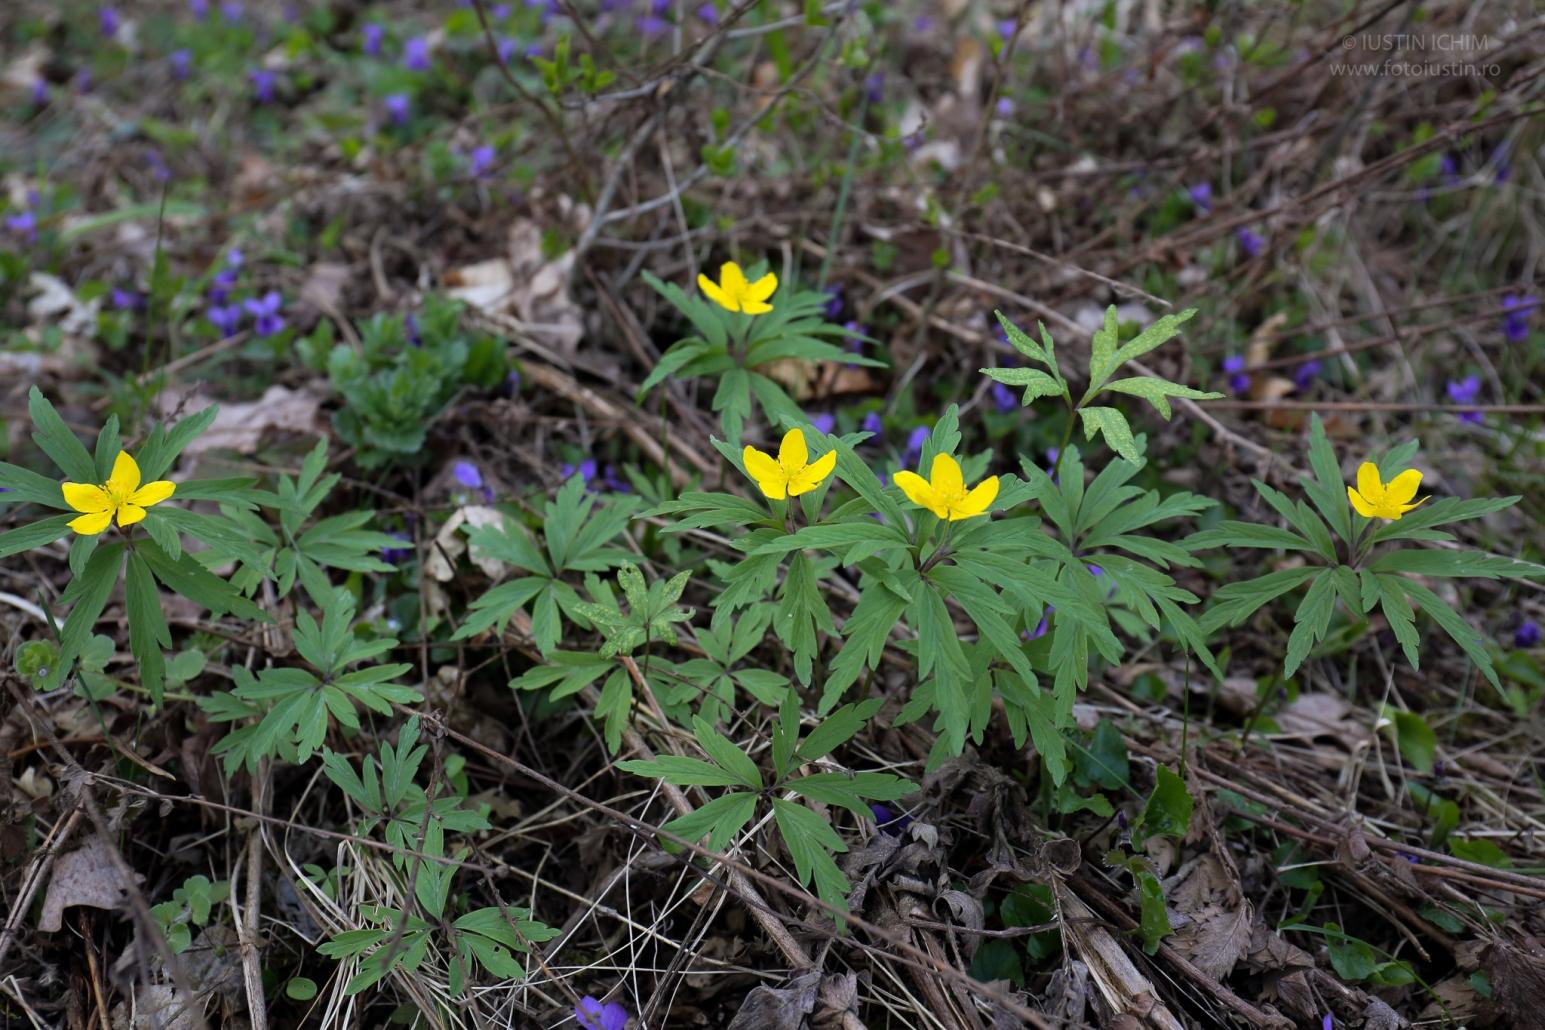 Anemone ranunculoides, păștiță, fam. Ranunculaceae